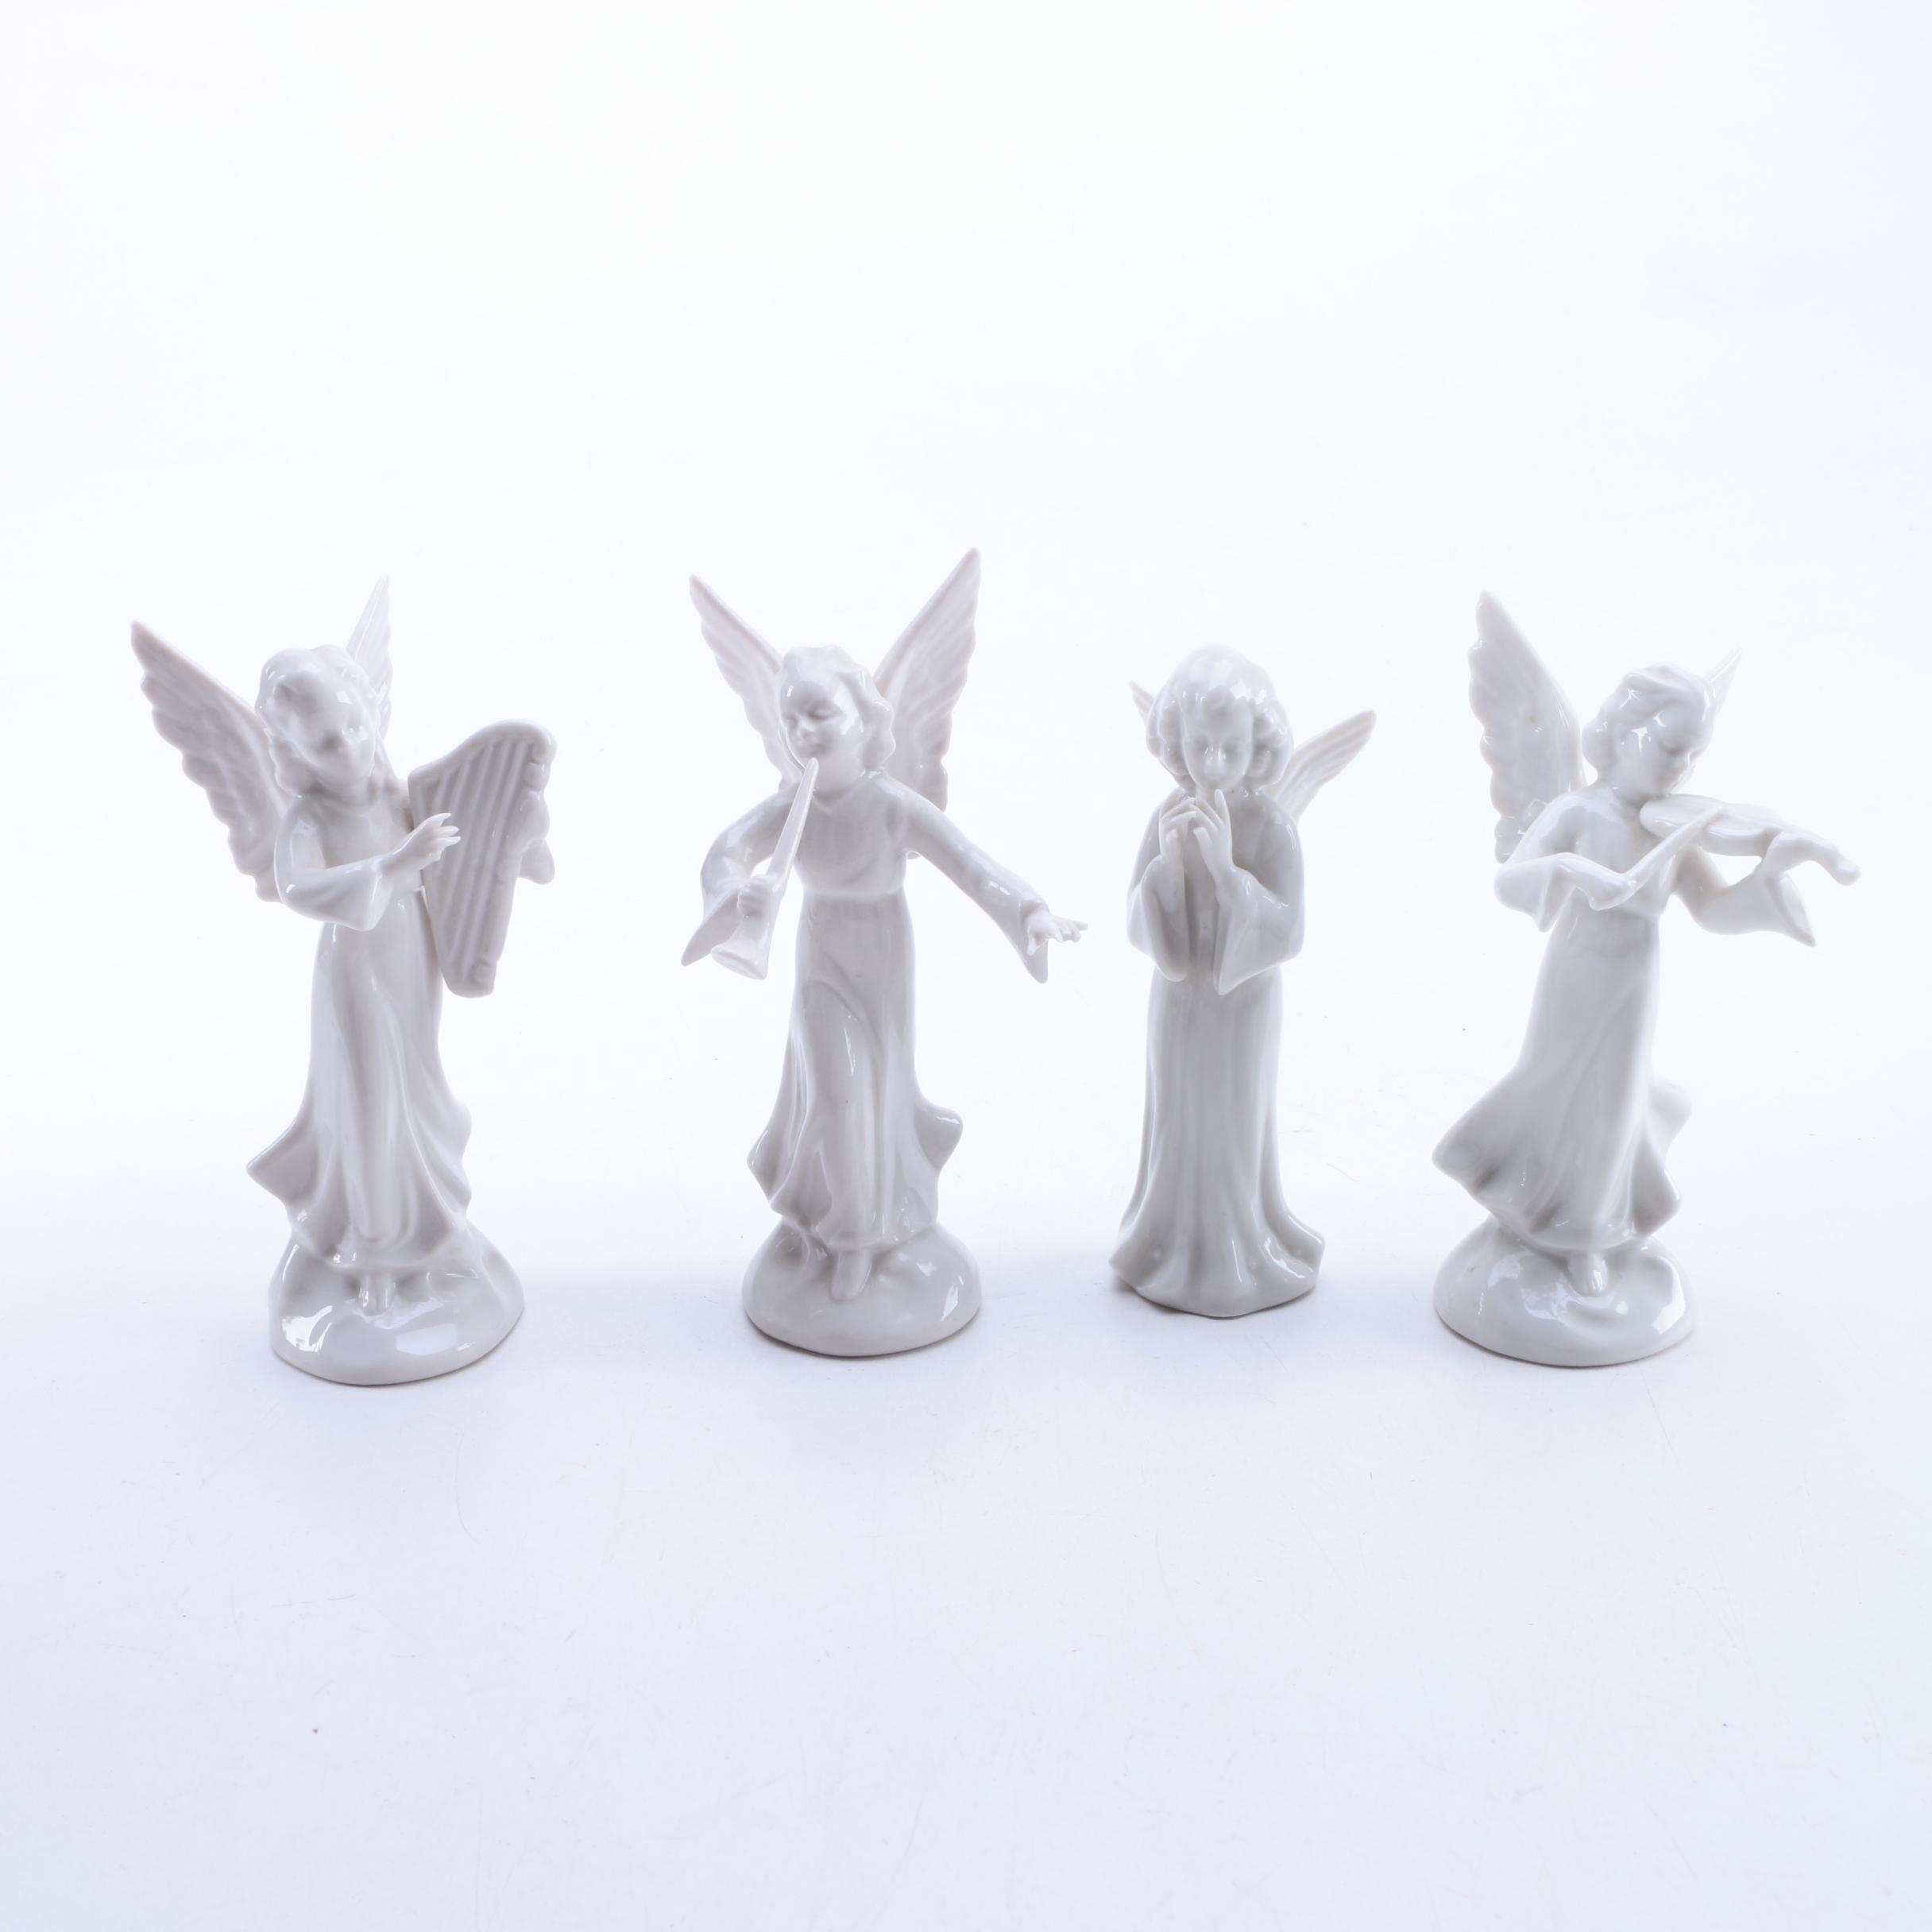 Vintage R&E Pech Porzellanmanufaktur  Porcelain Angel Figurines